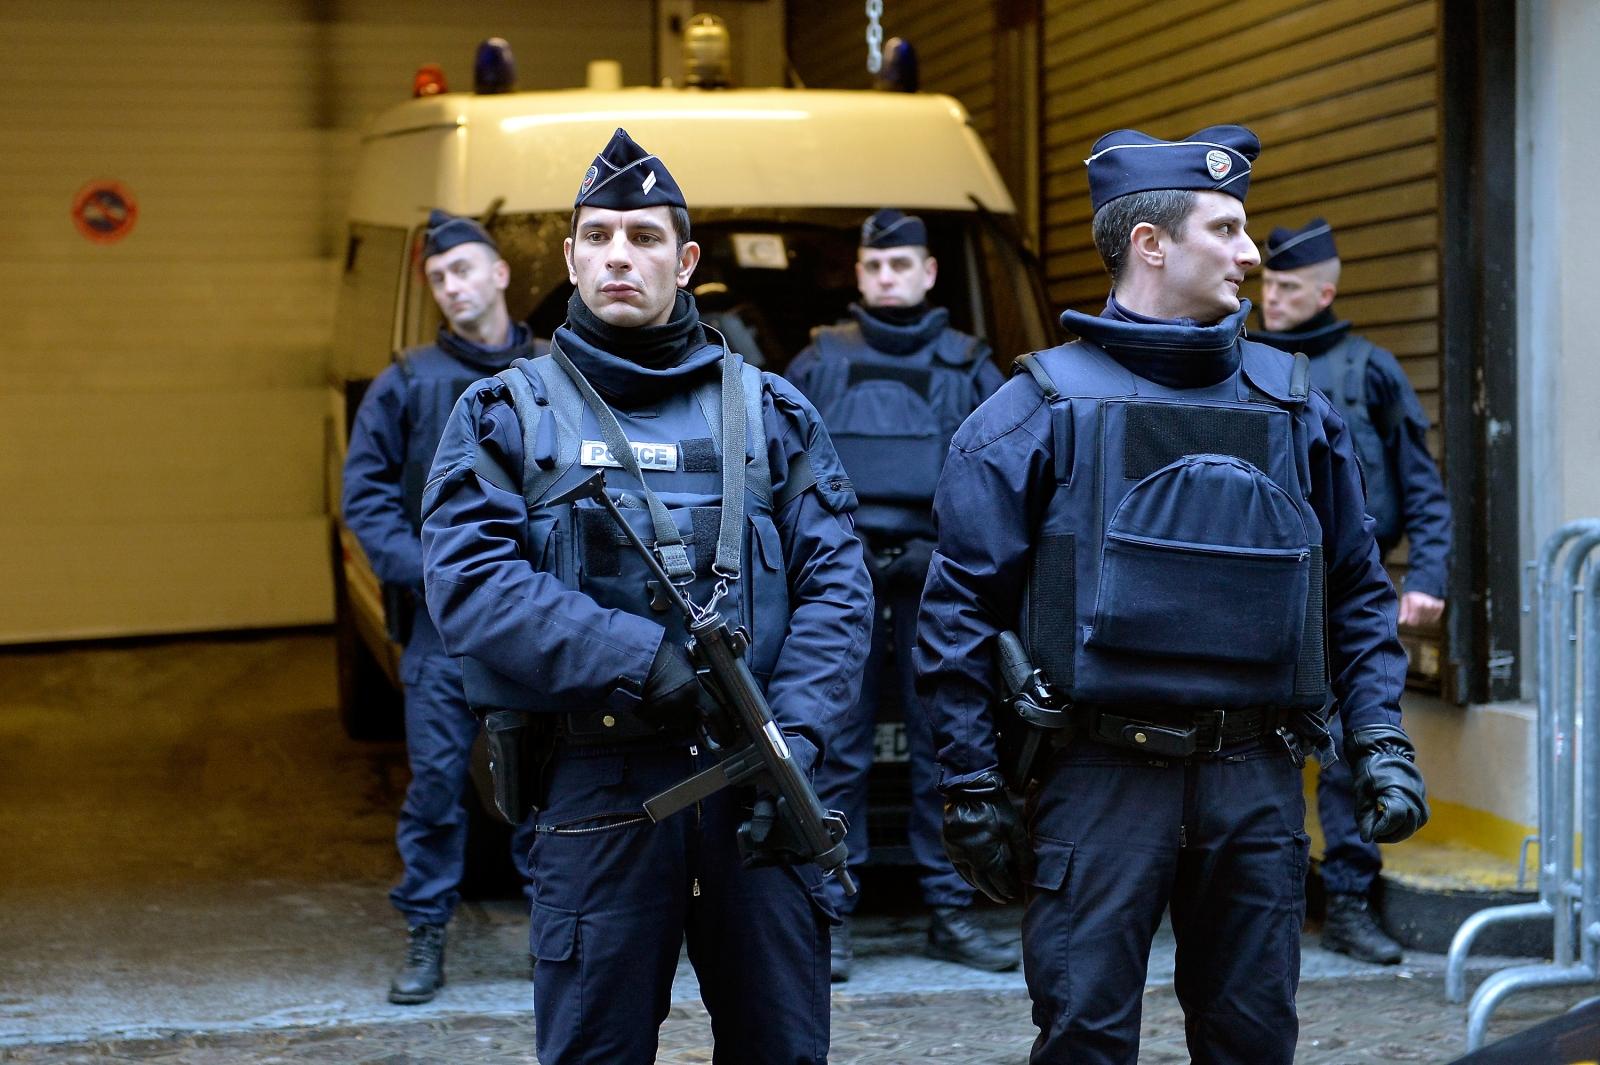 Anti-terror police in Paris